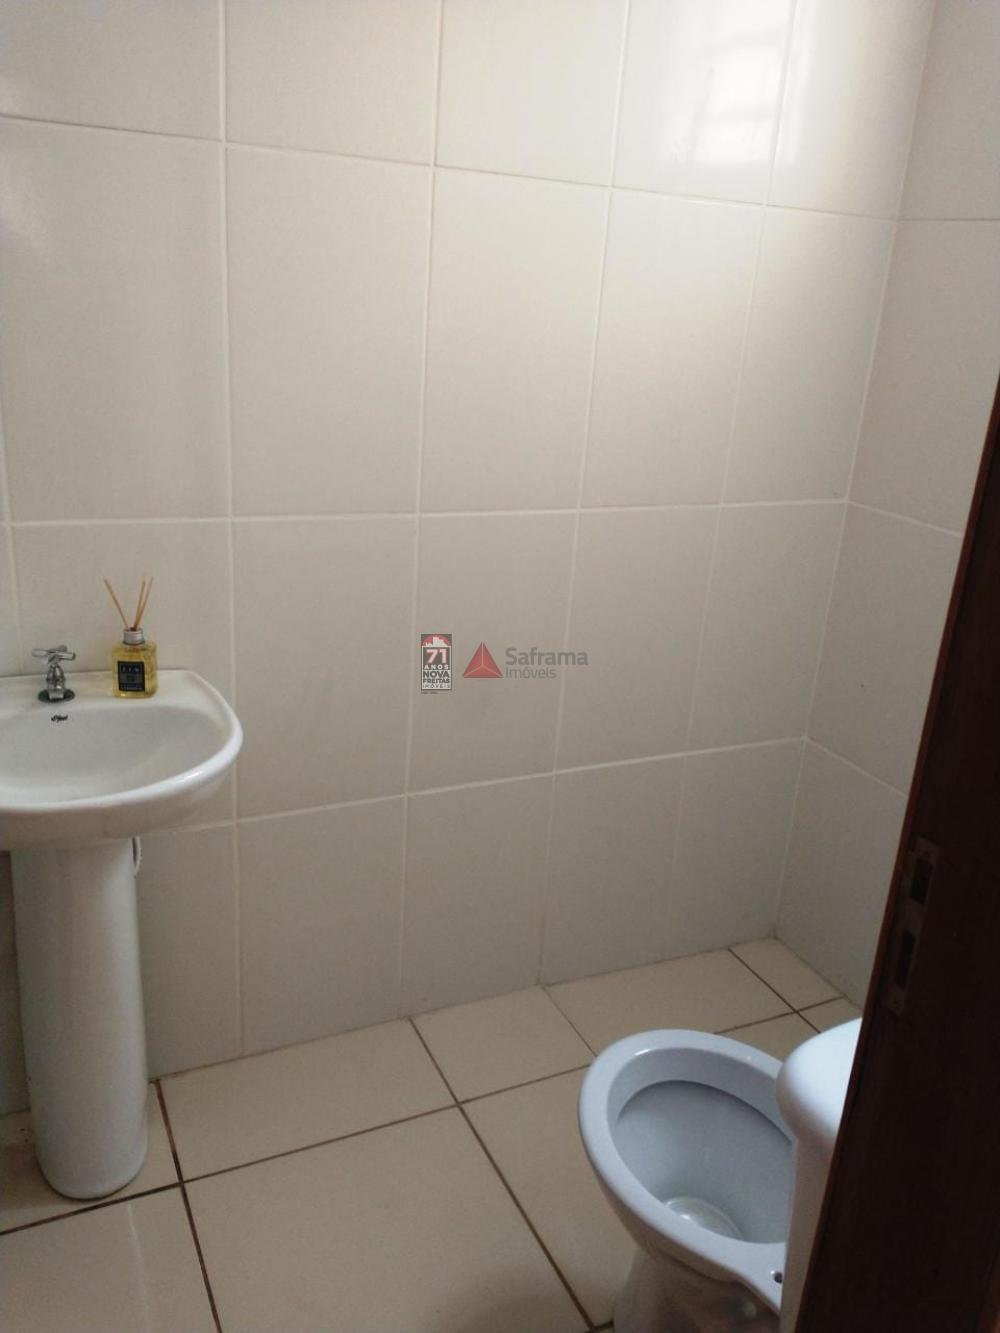 Comprar Casa / Padrão em Pindamonhangaba apenas R$ 159.000,00 - Foto 10